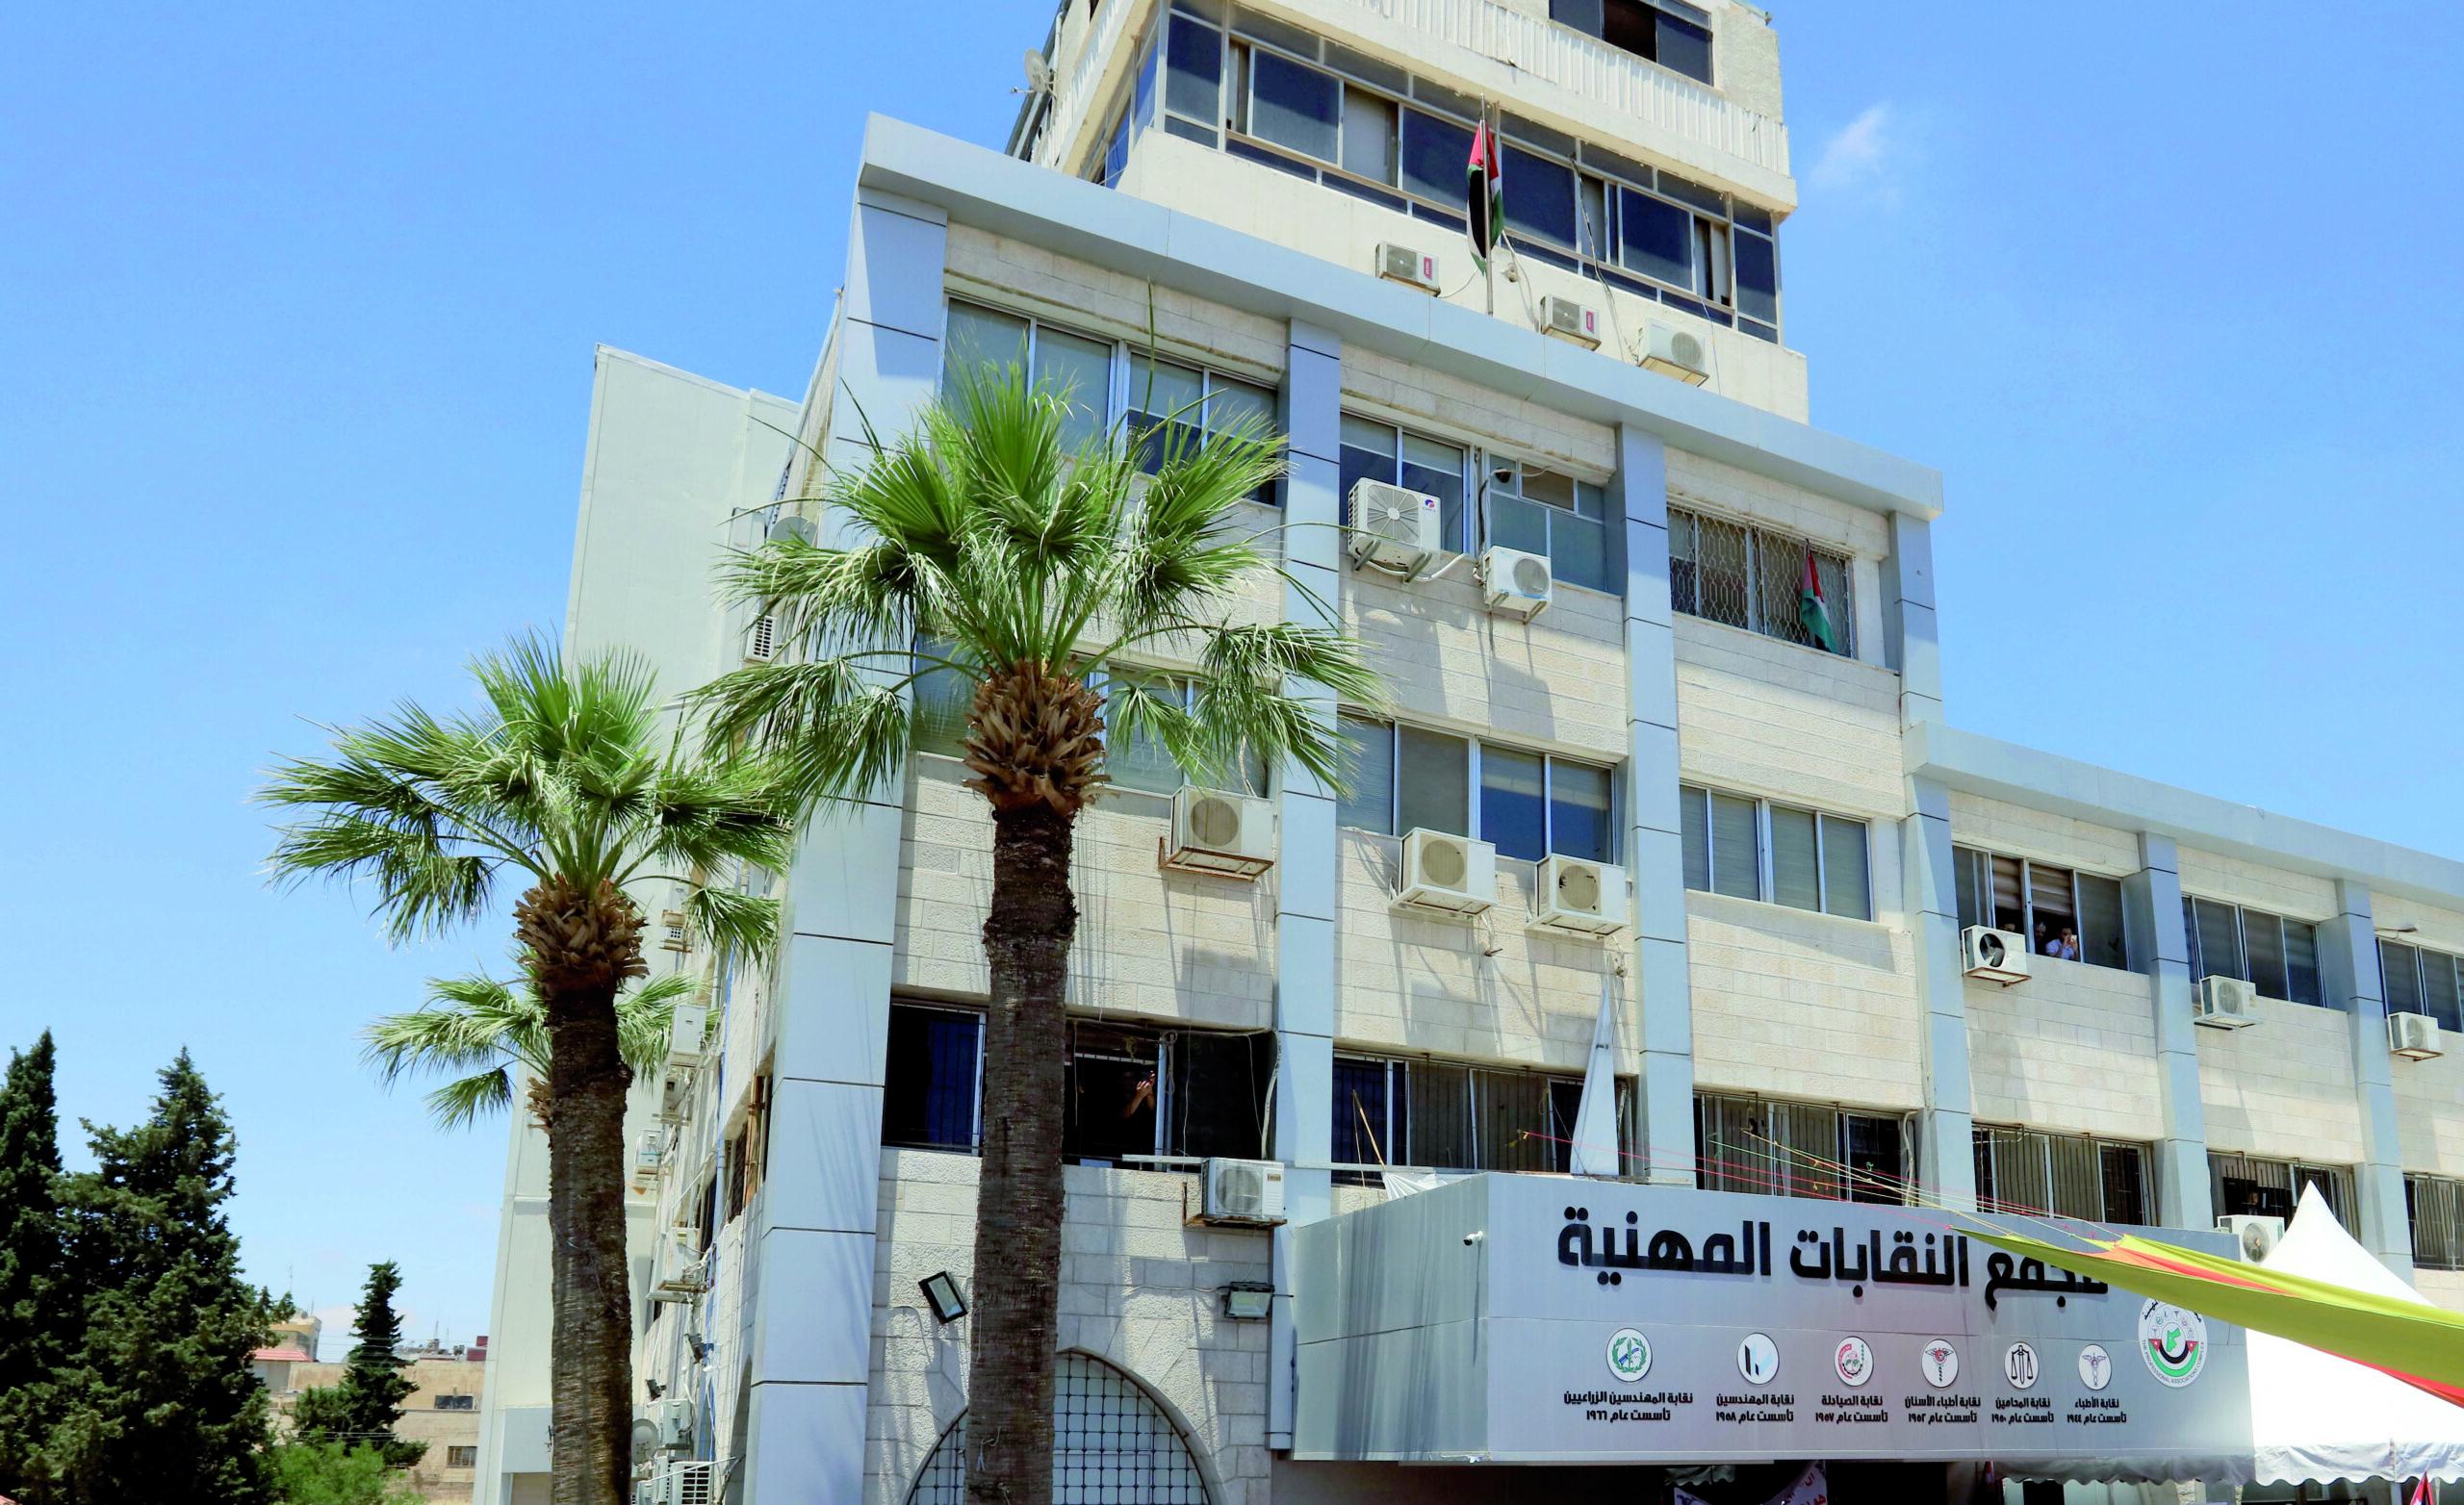 اجتماعان لمجلس النقباء لبحث عقد انتخابات النقابات المهنية